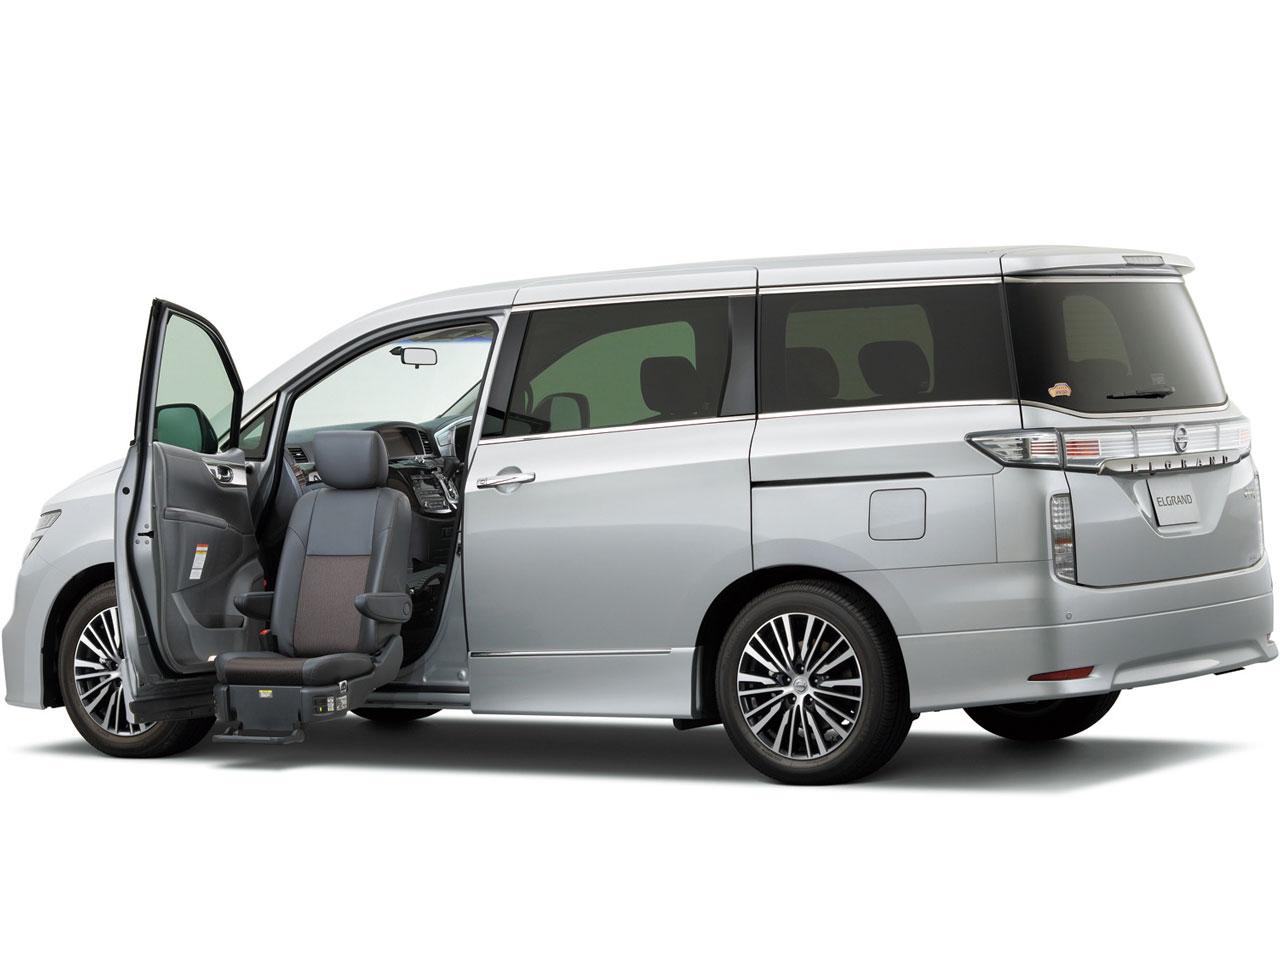 日産 エルグランド 福祉車両 2010年モデル 新車画像